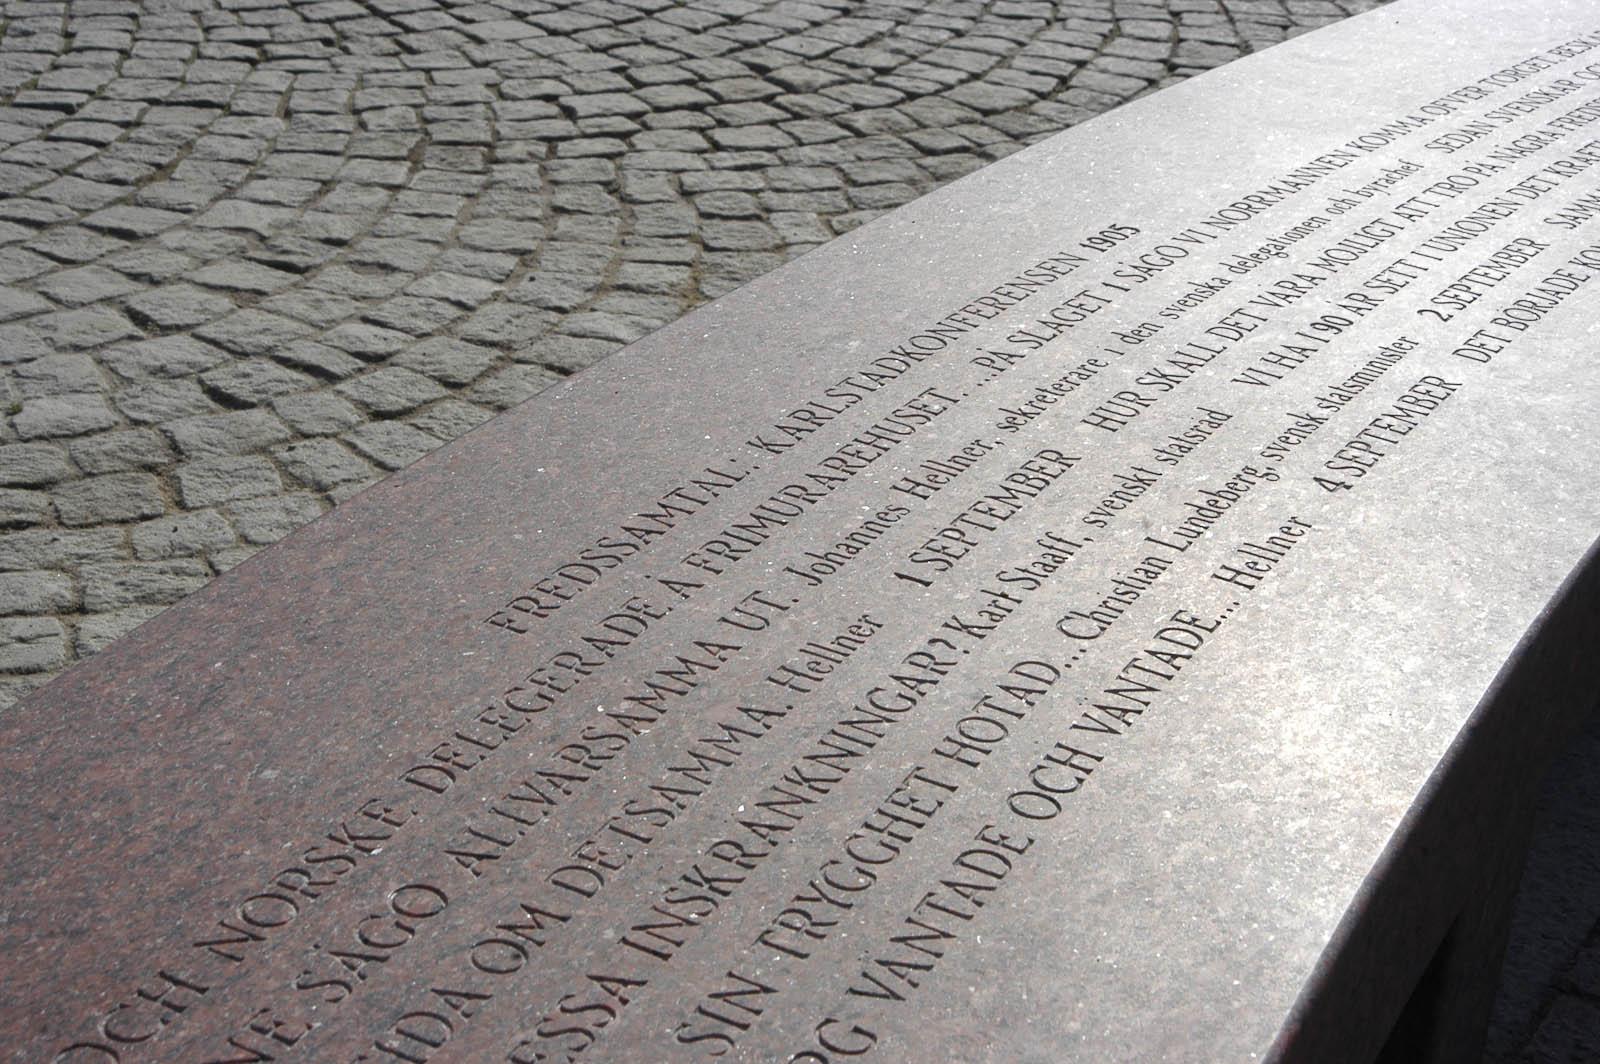 Del av gravyr på bänk. Högst upp på bänken står det: Fredssamtal: Karlstadskonferensen 1905. Konstverk av Jenny Holzer, For Karlstad.